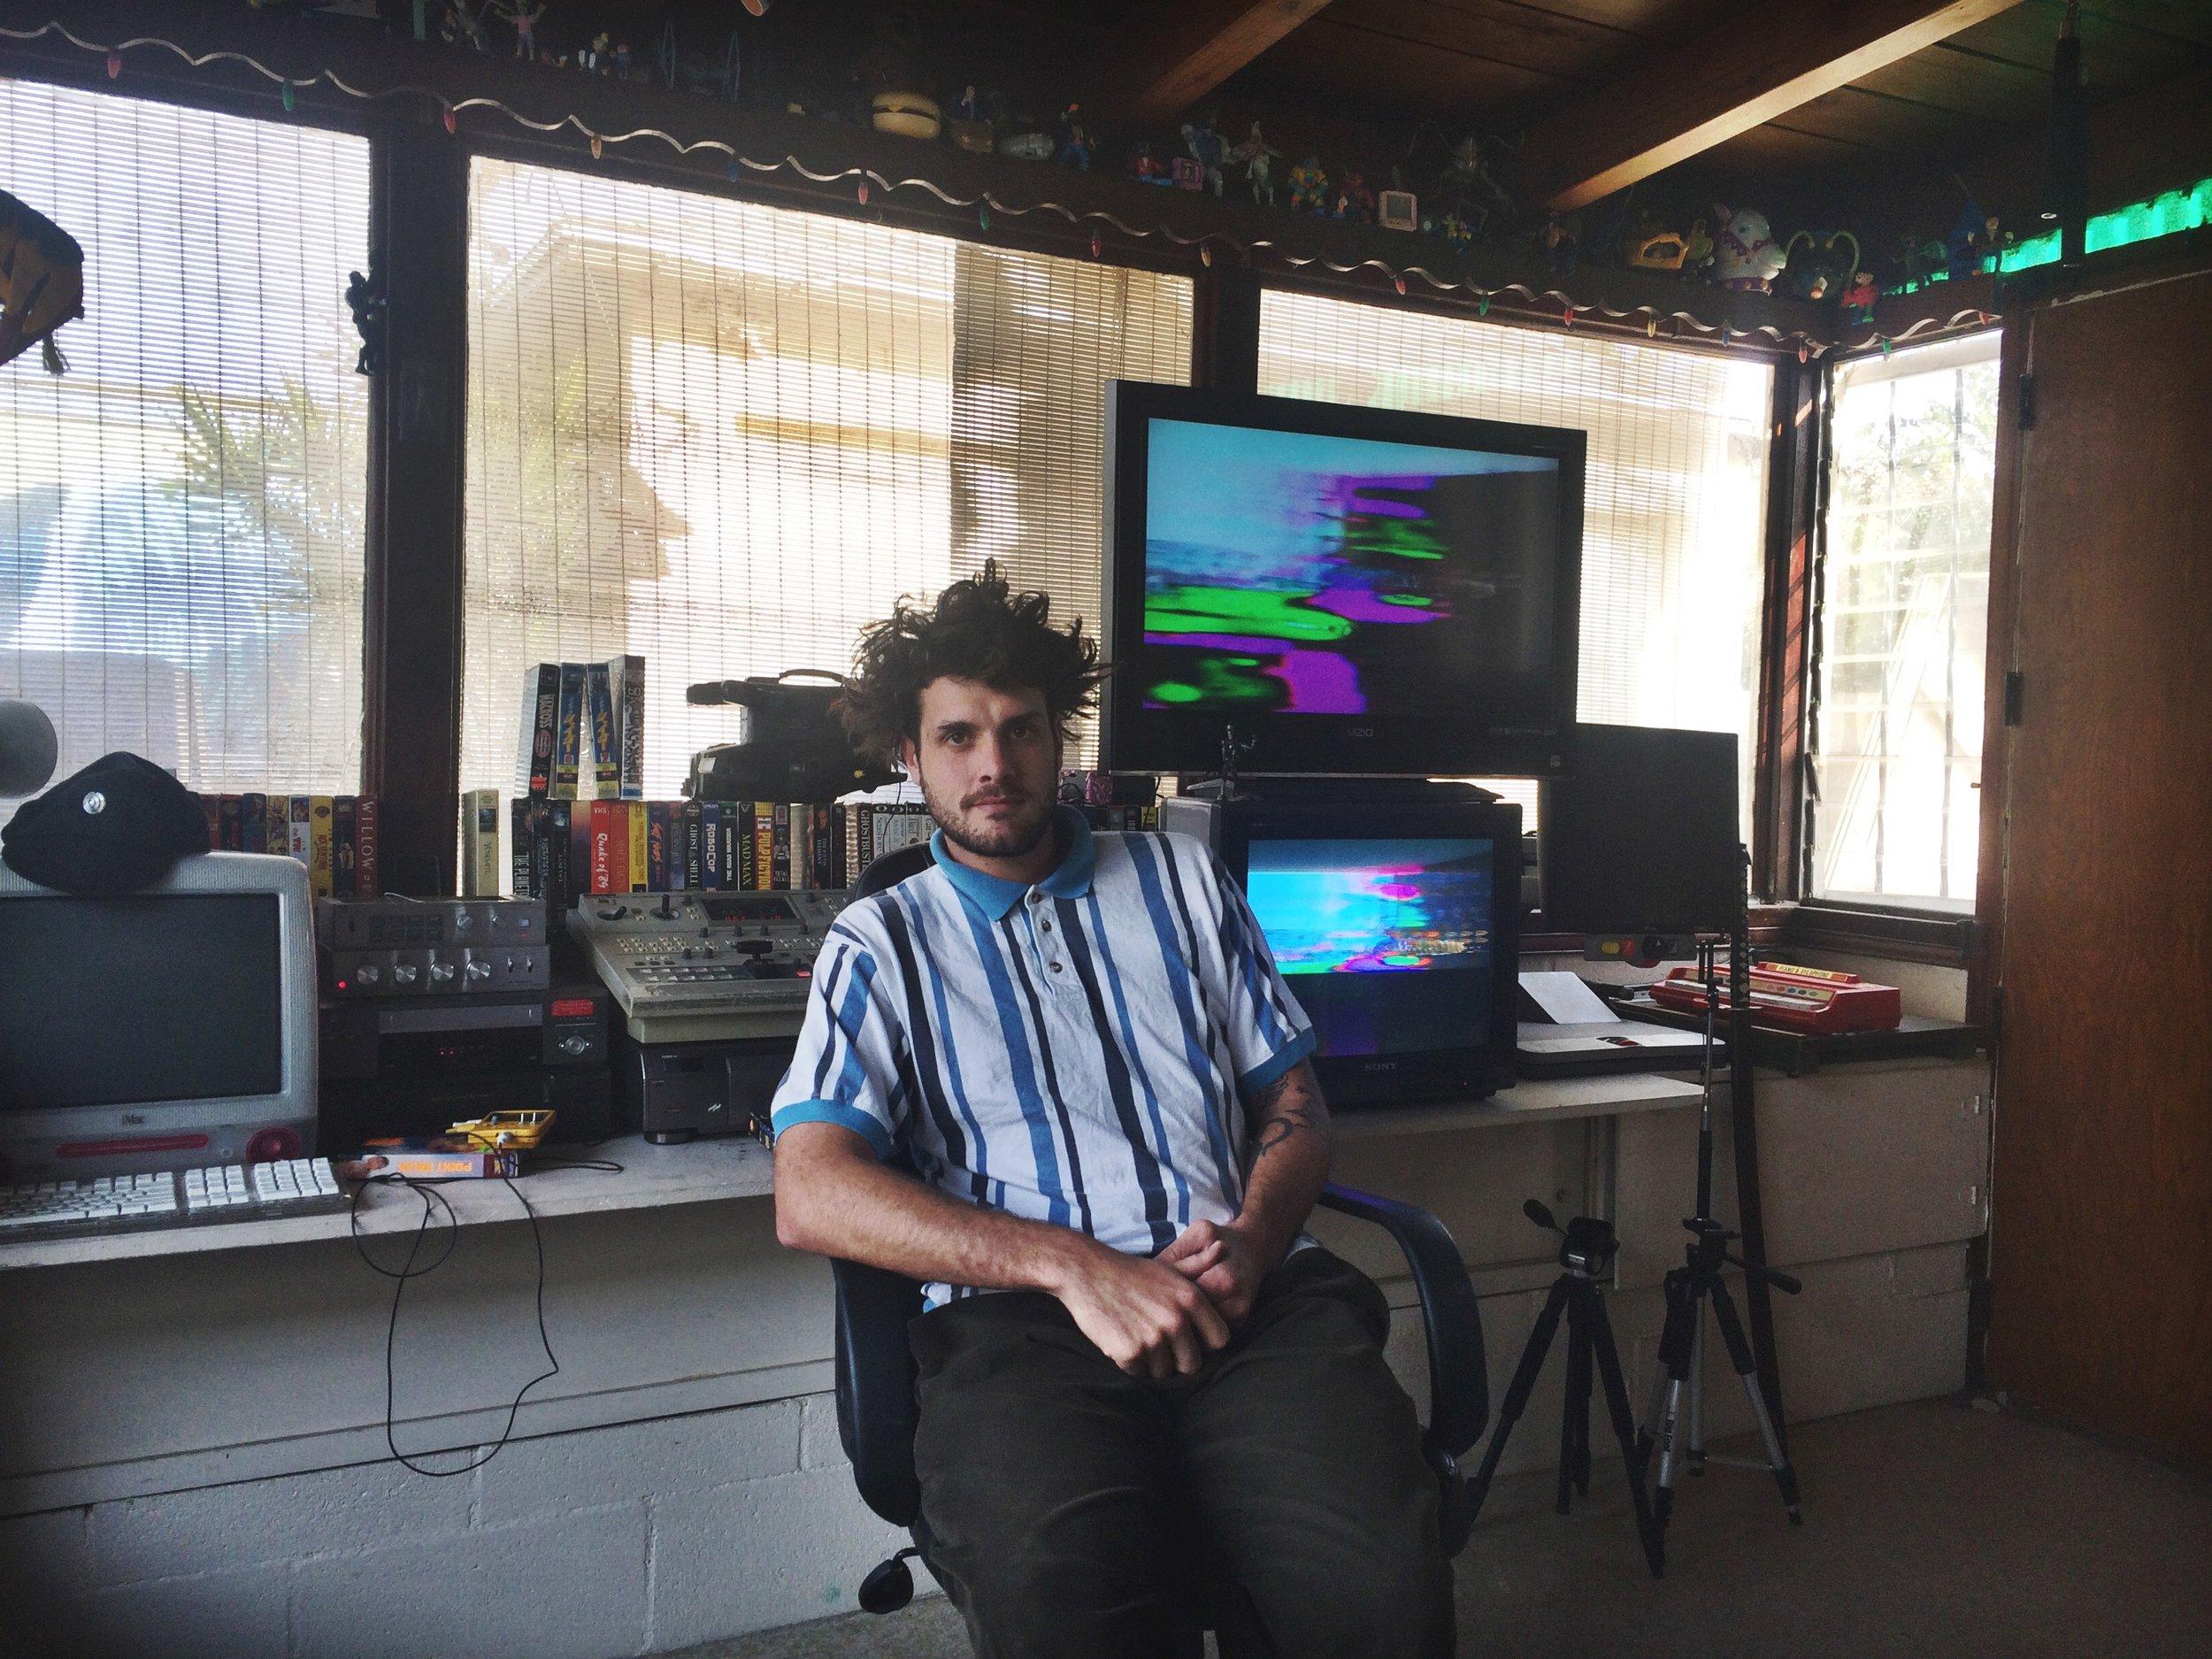 ARTIST BRYAN PETERSON IN HIS LOS ANGELES STUDIO.